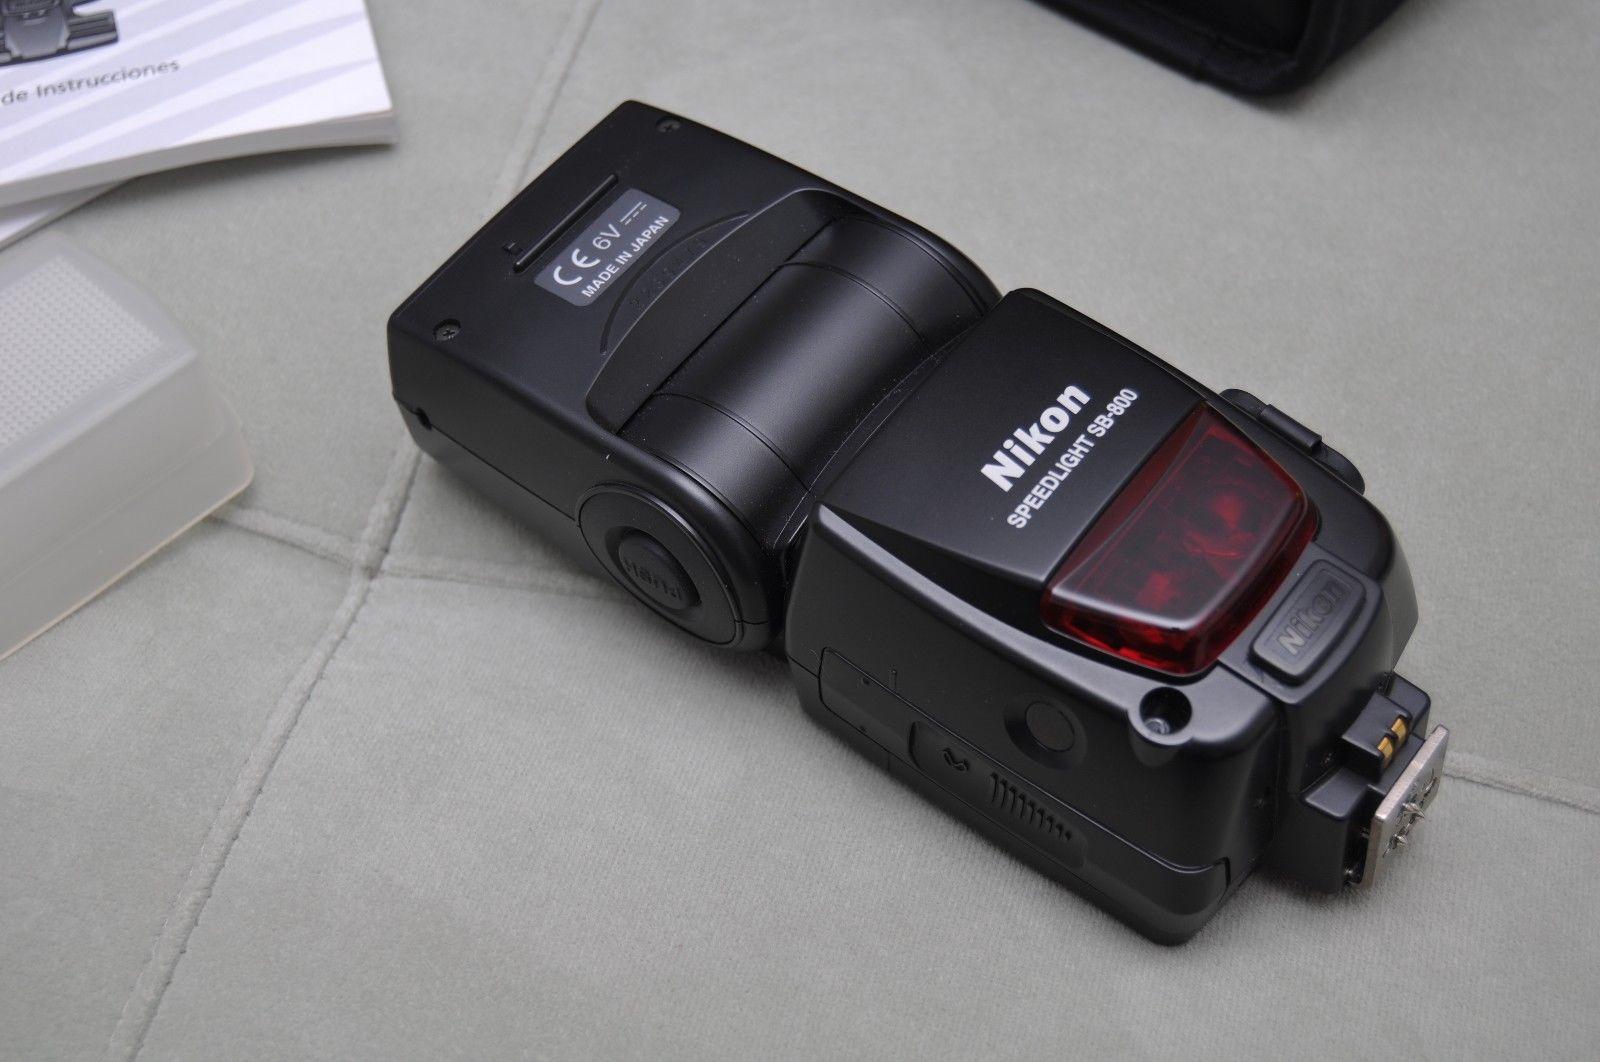 Nikon Sb-700 vs Sb-800 Power Nikon Sb-800 Flash